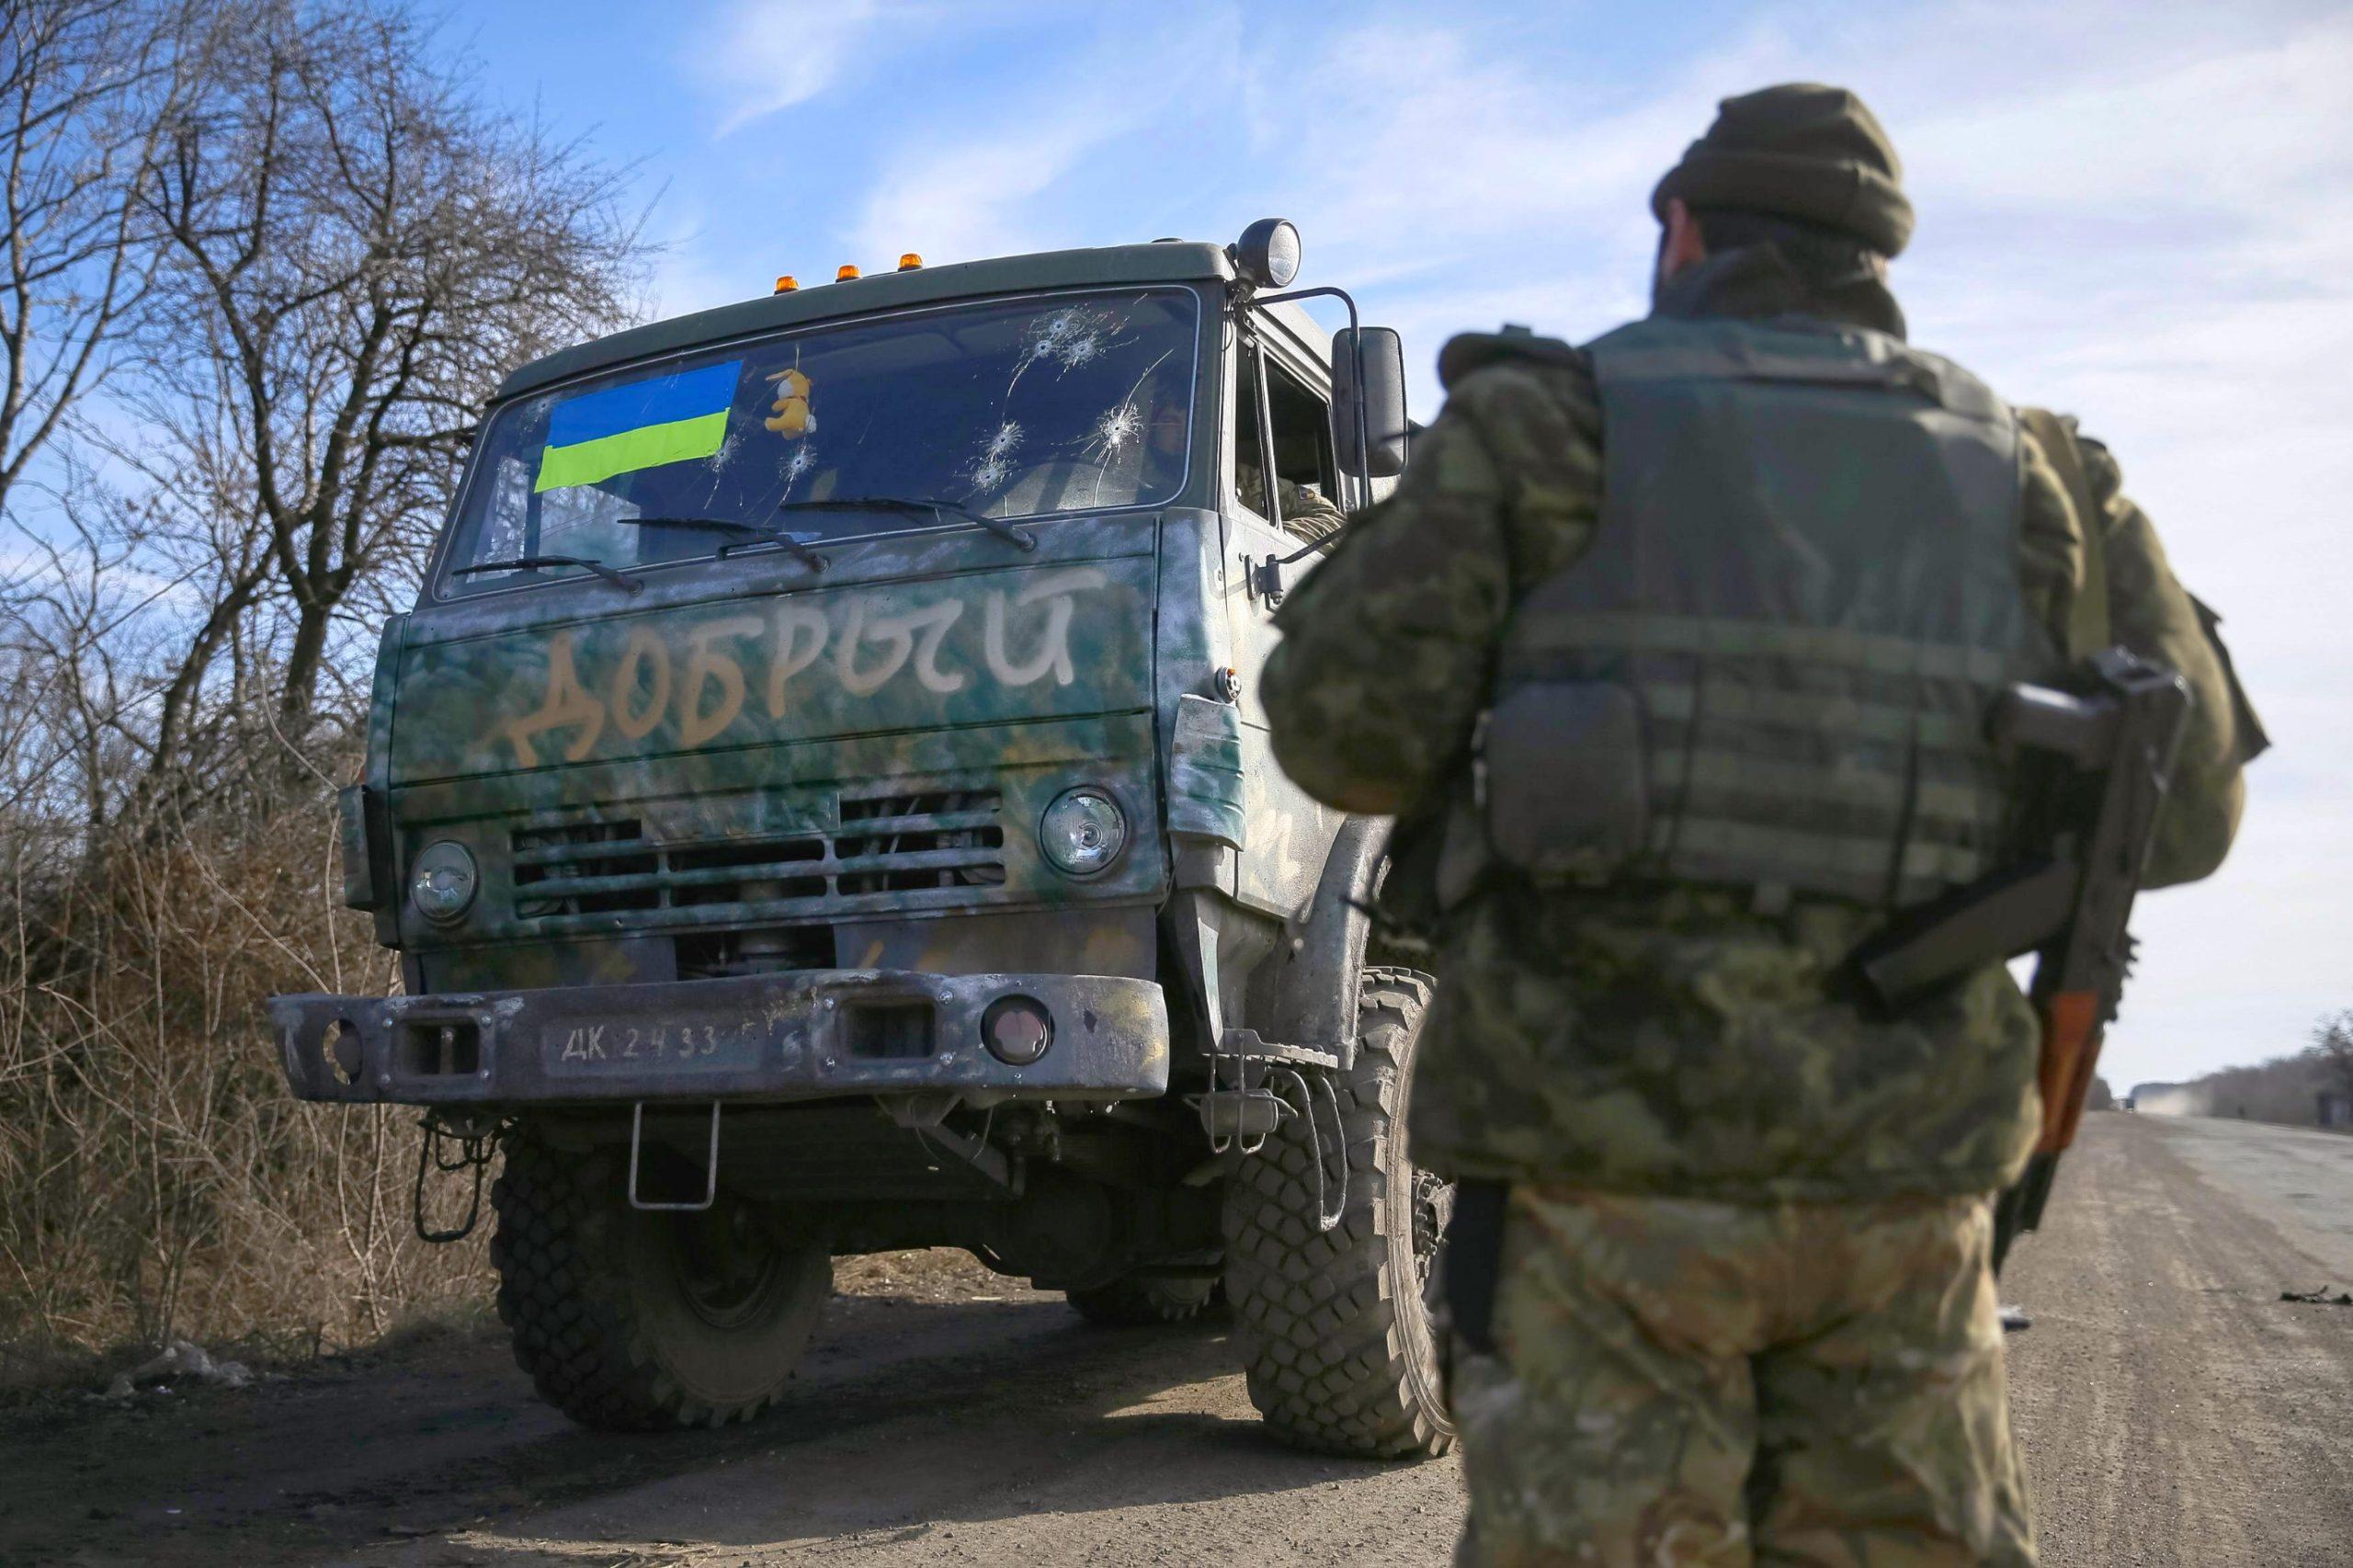 Украине нечем заменить устаревший автопарк своих вооруженных сил Однако, тягачей, Минобороны, финансирования, машины, производства, ГАЗ66, техника, устаревшая, автопарка, вроде, данный, момент, гусеничных, любой, ограничилось, успеха, принесли, Импортозамещение, фактически